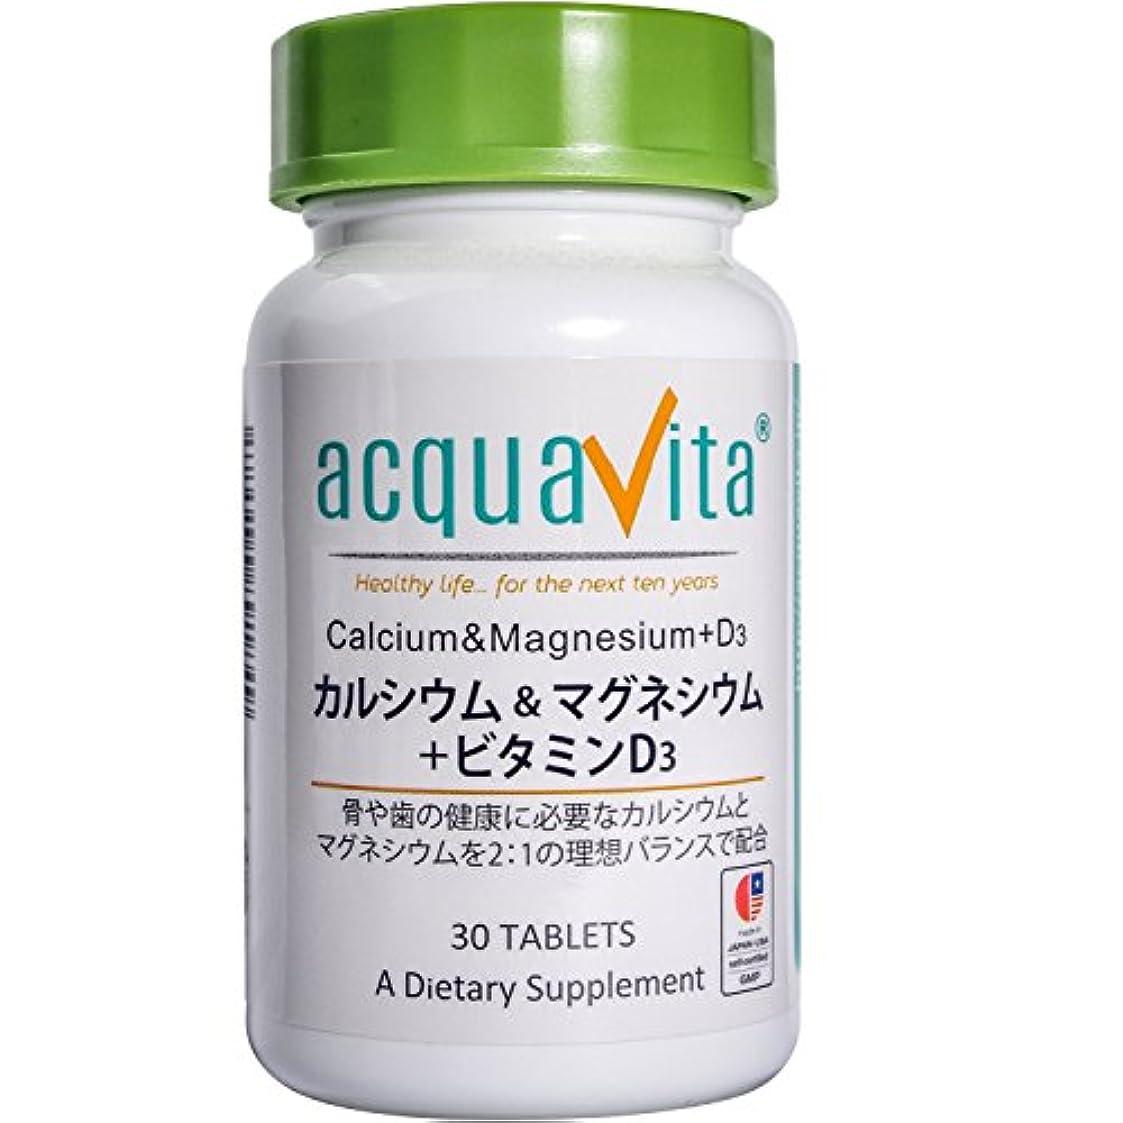 マークされた退院禁輸アクアヴィータ カルシウム&マグネシウム+ビタミンD3 30粒